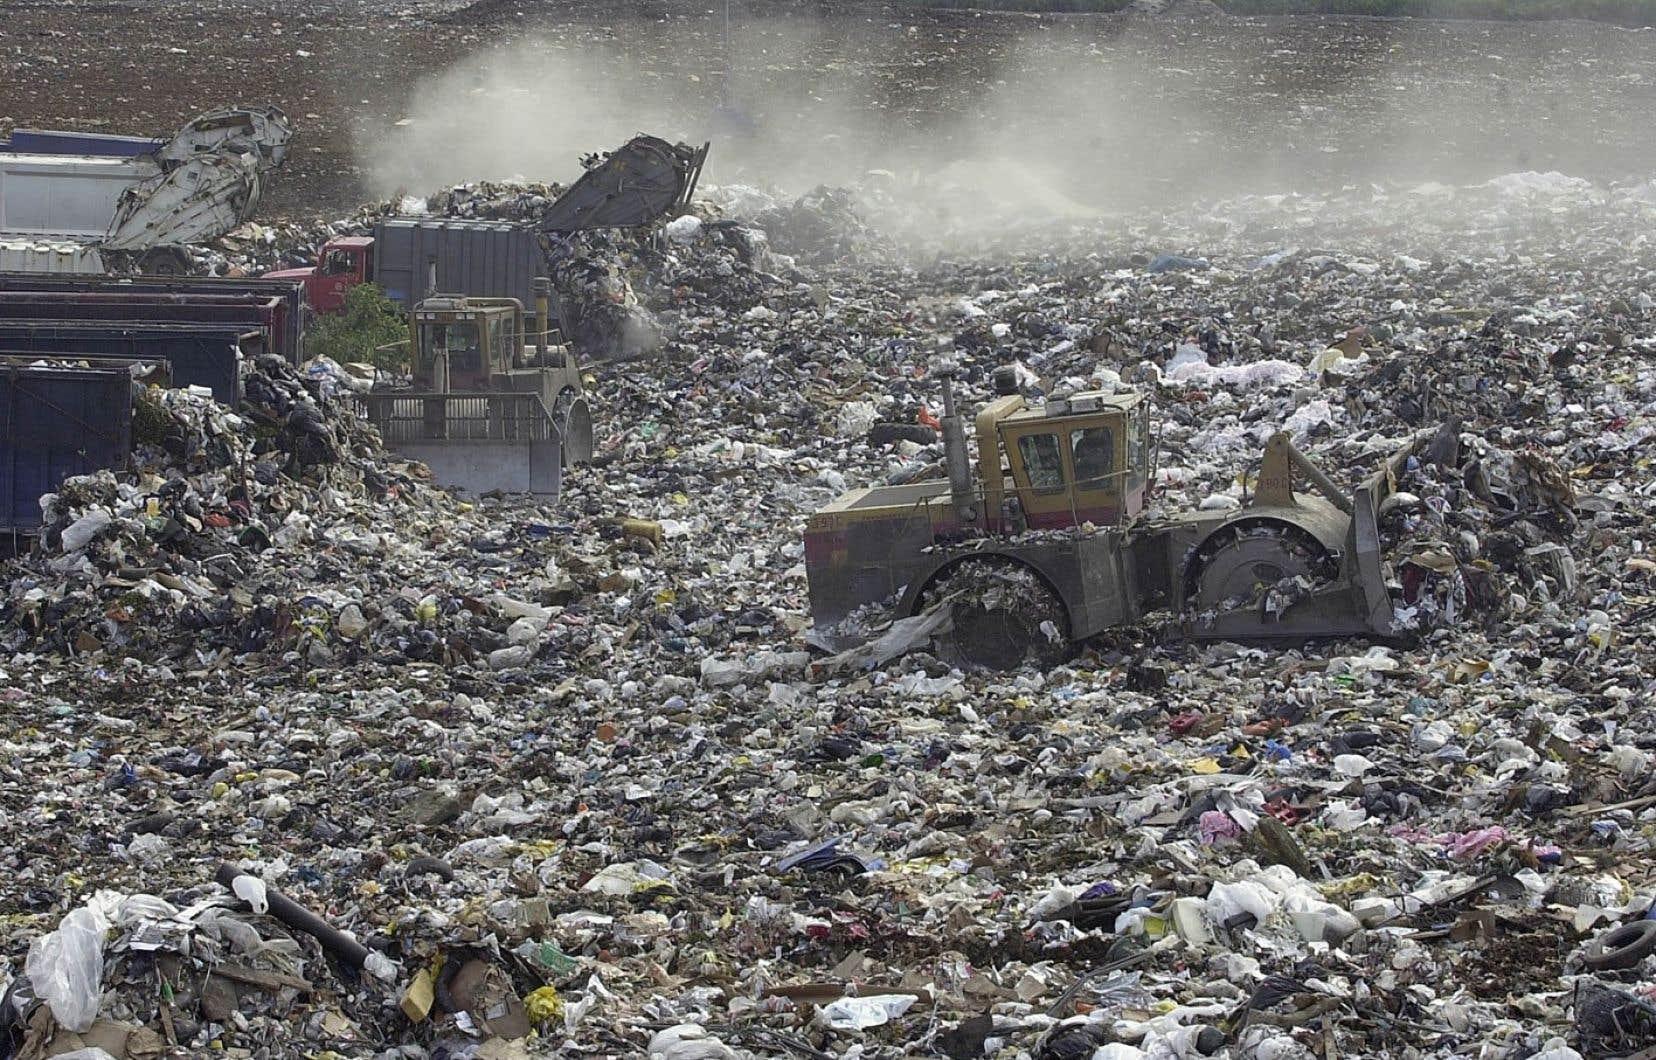 La province a envoyé pas moins de 1,2million de tonnes de matières recyclables au dépotoir au cours de l'année 2019-2020.